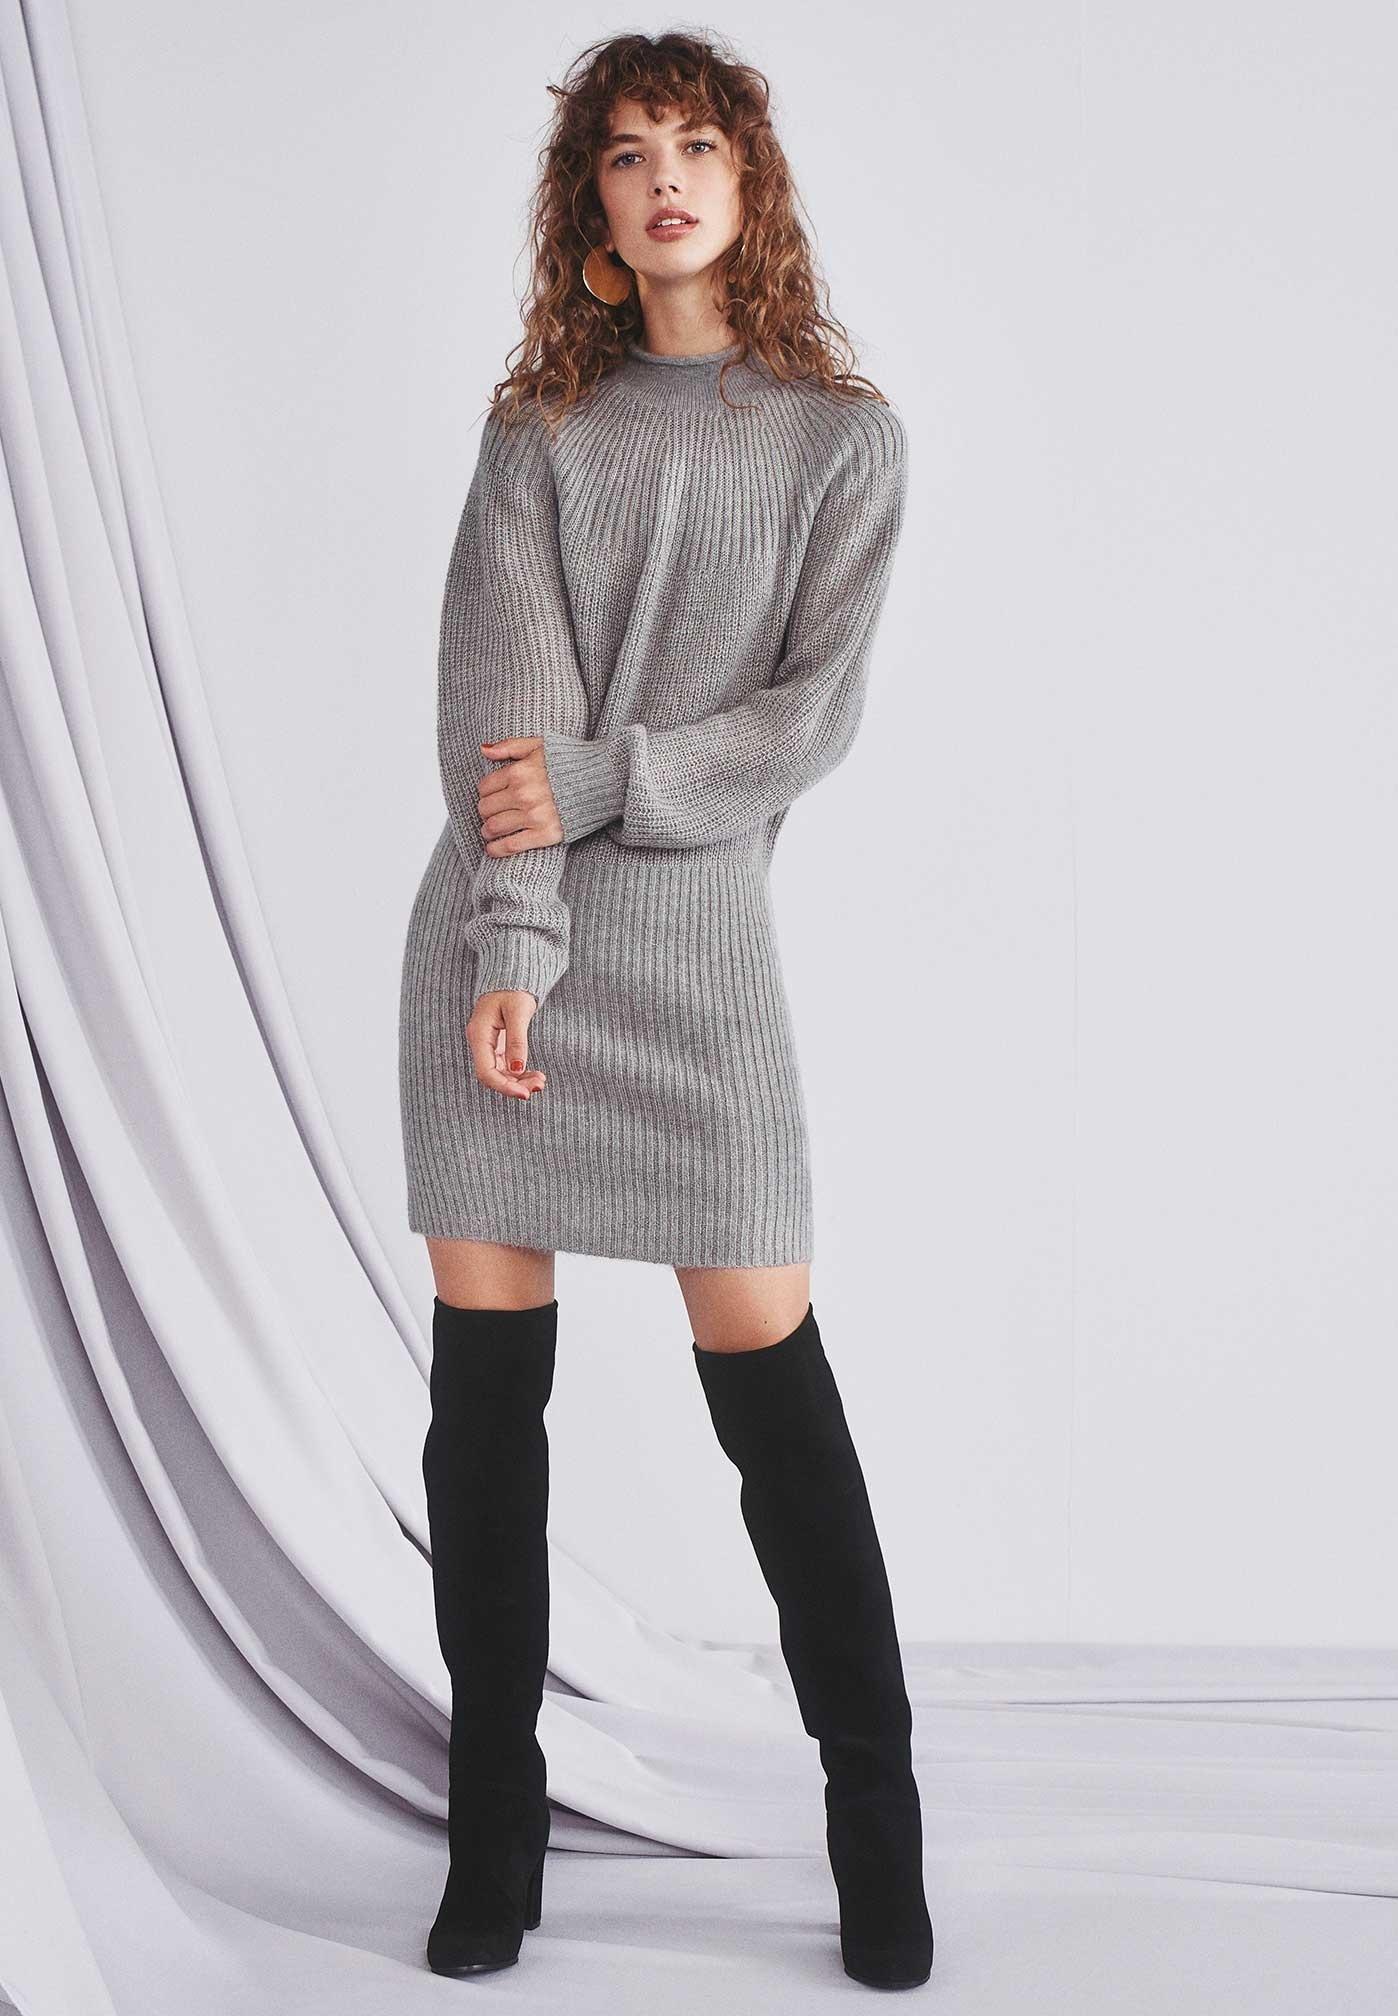 10 Cool Schickes Kleid Winter Ärmel20 Einfach Schickes Kleid Winter Spezialgebiet